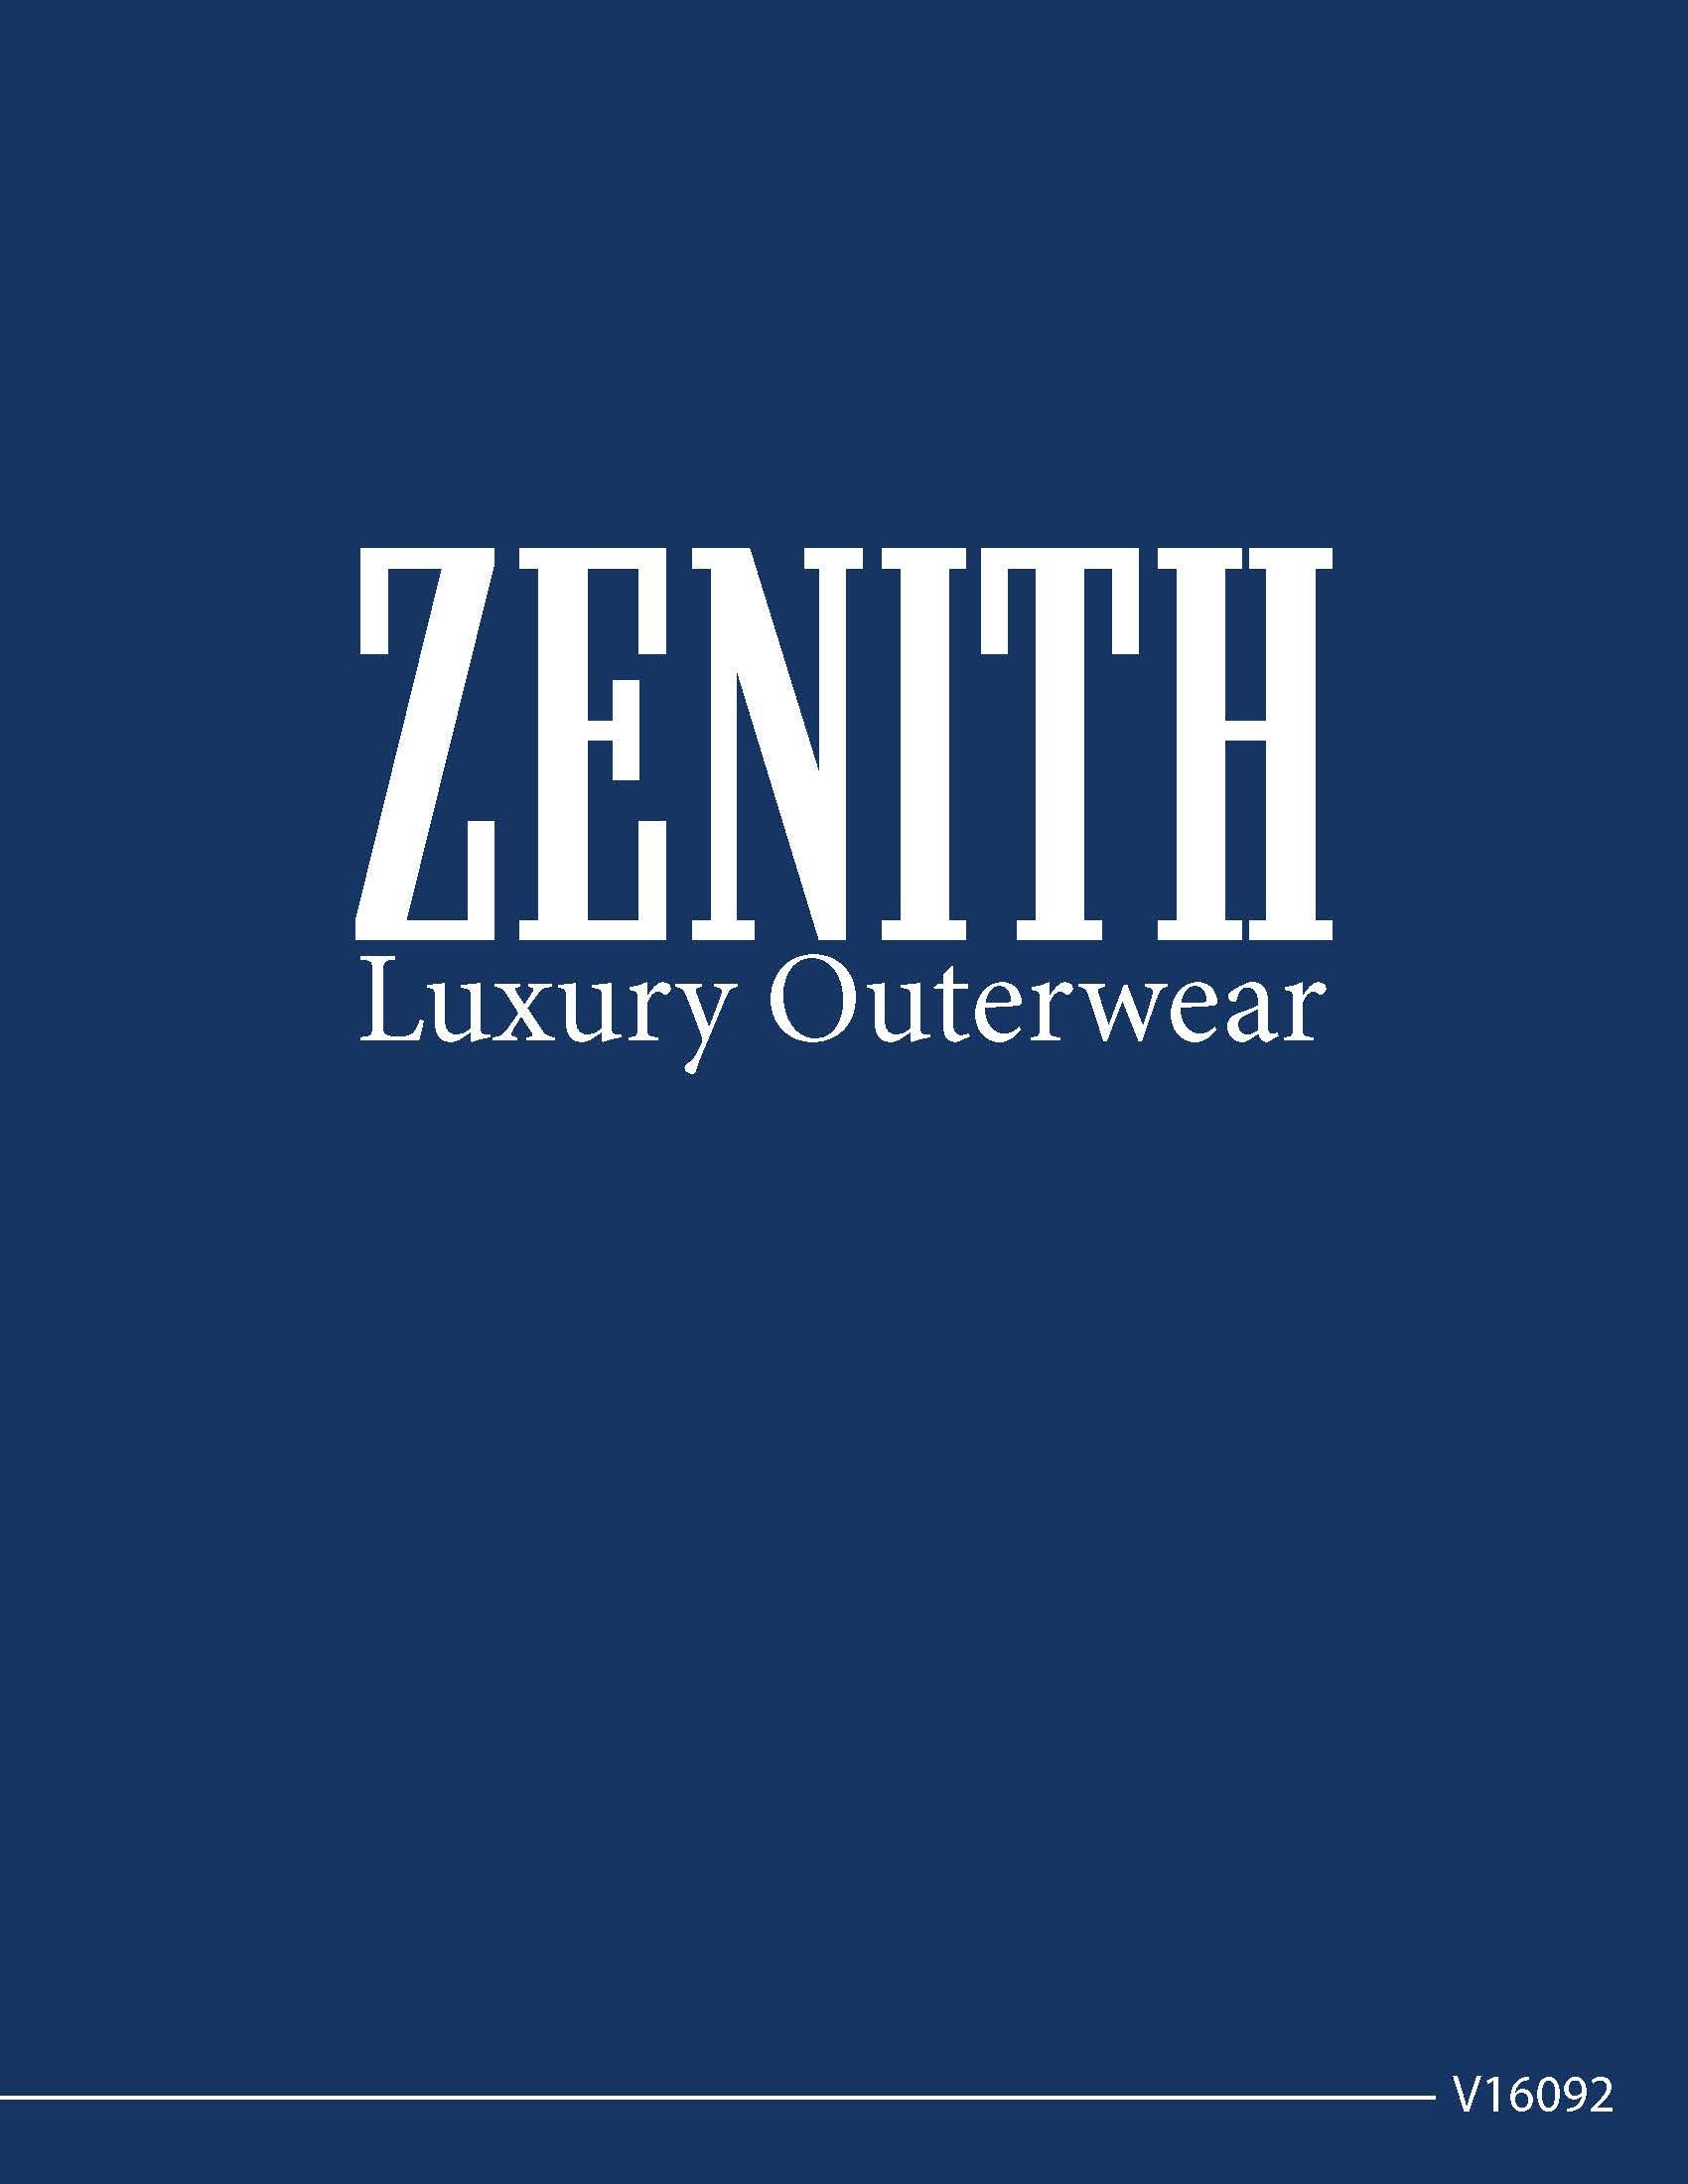 Zenith_Luxury_Outerwear_V16092.jpg